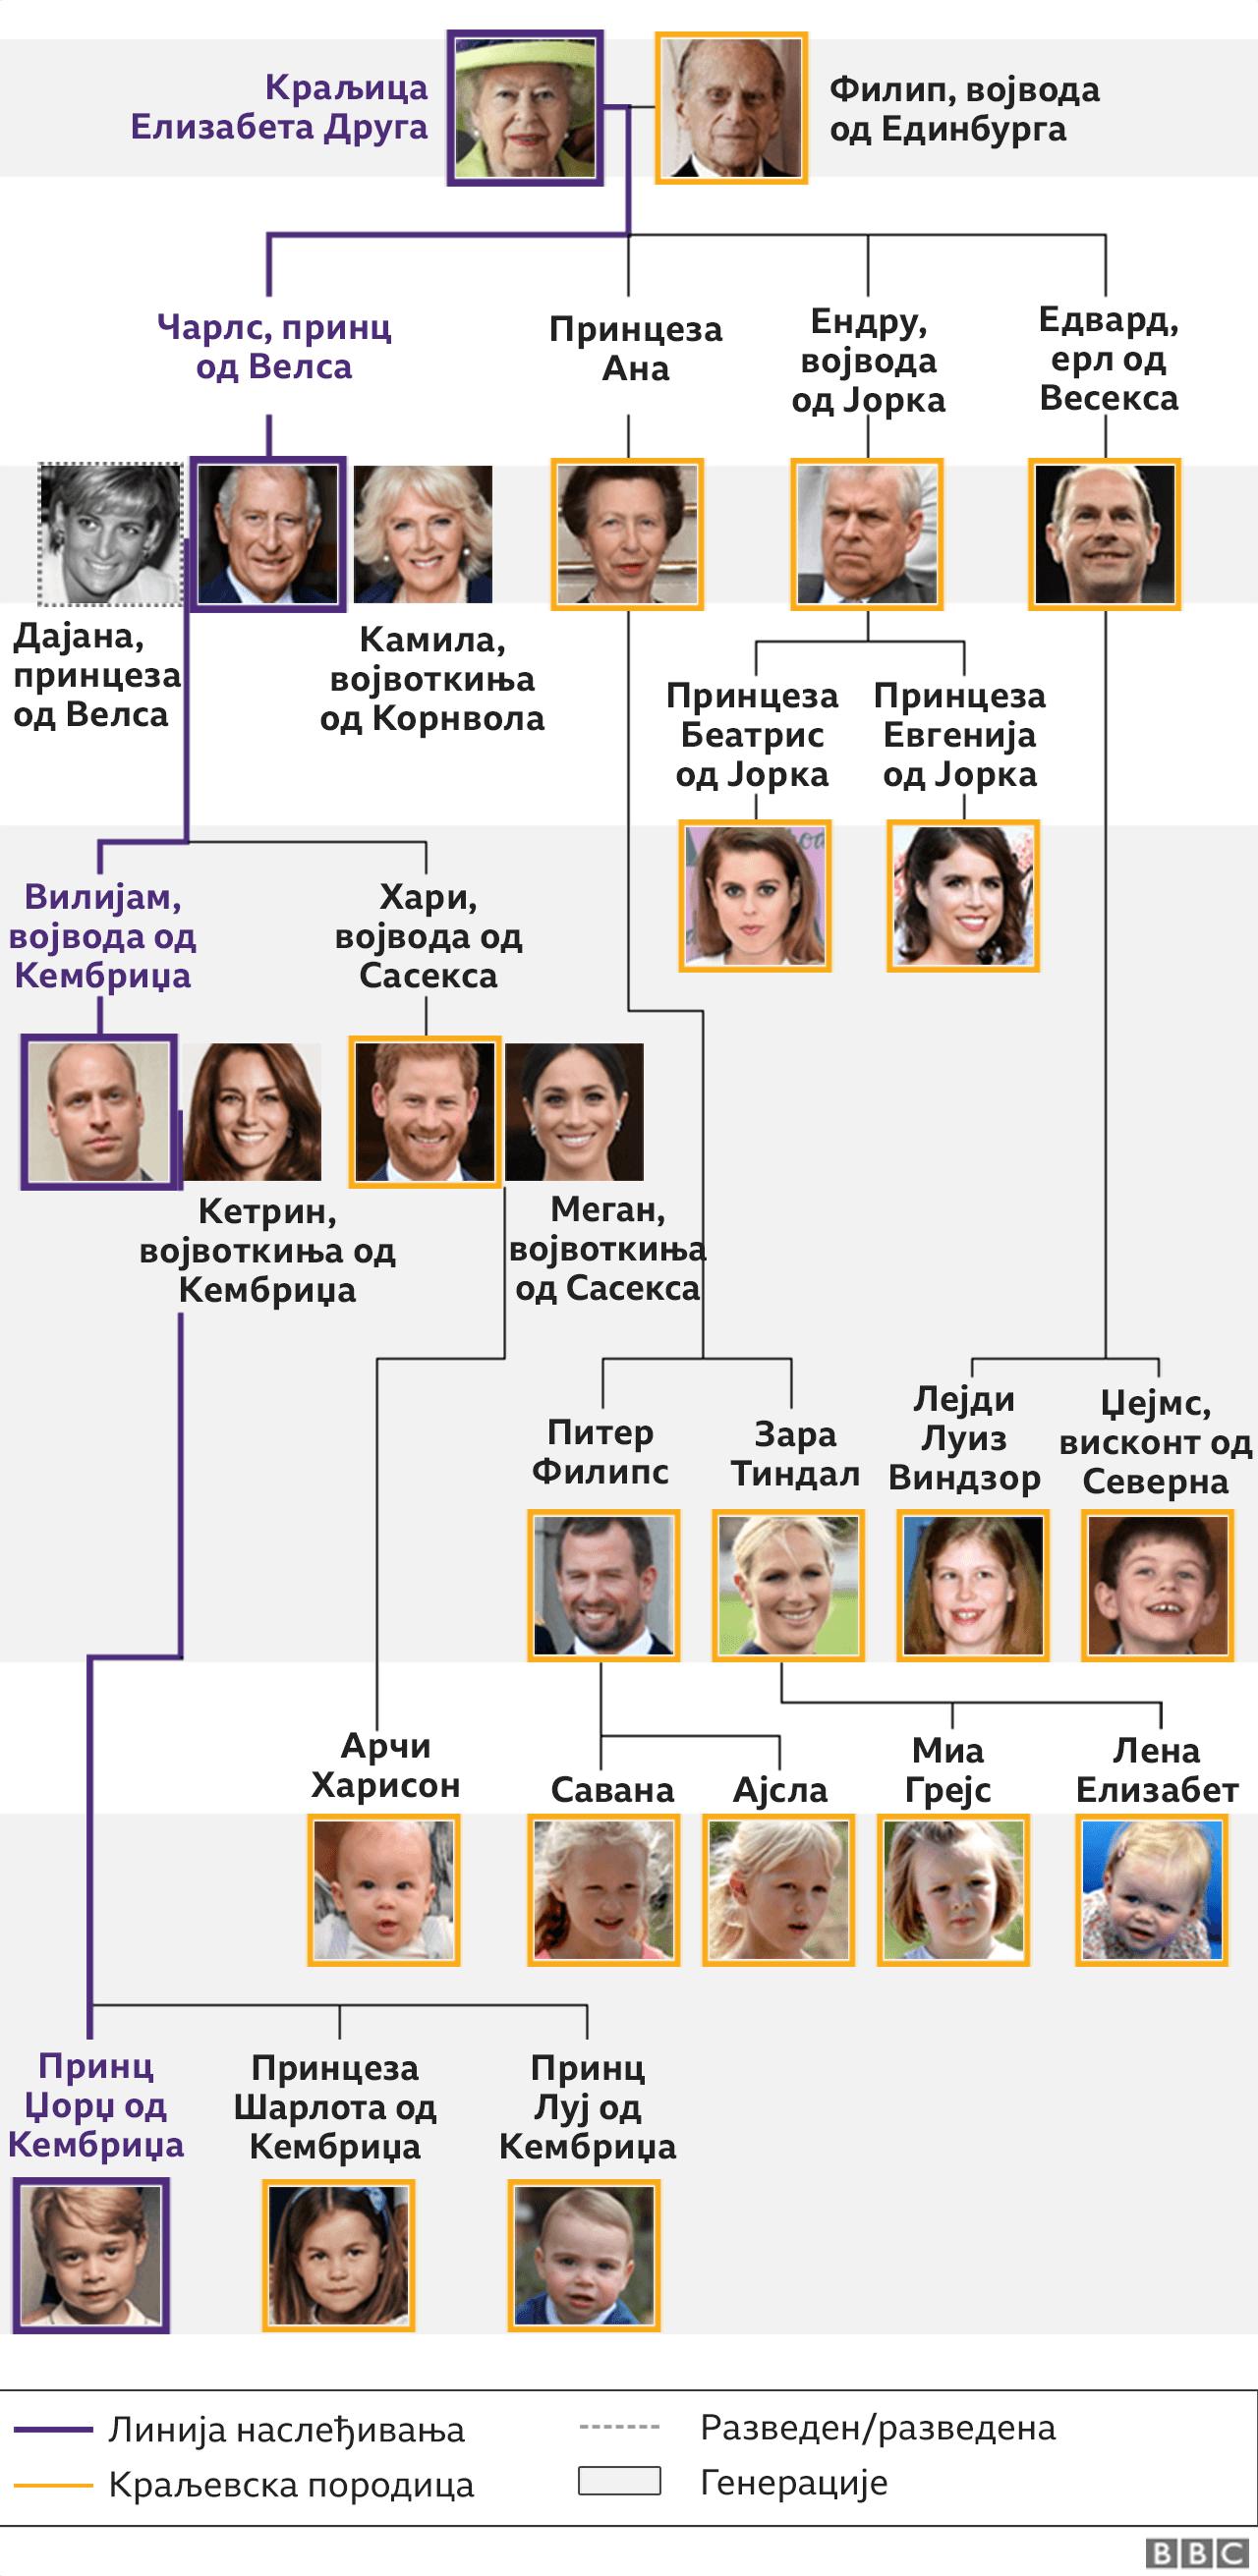 kraljevska porodica, stablo kraljevske porodice